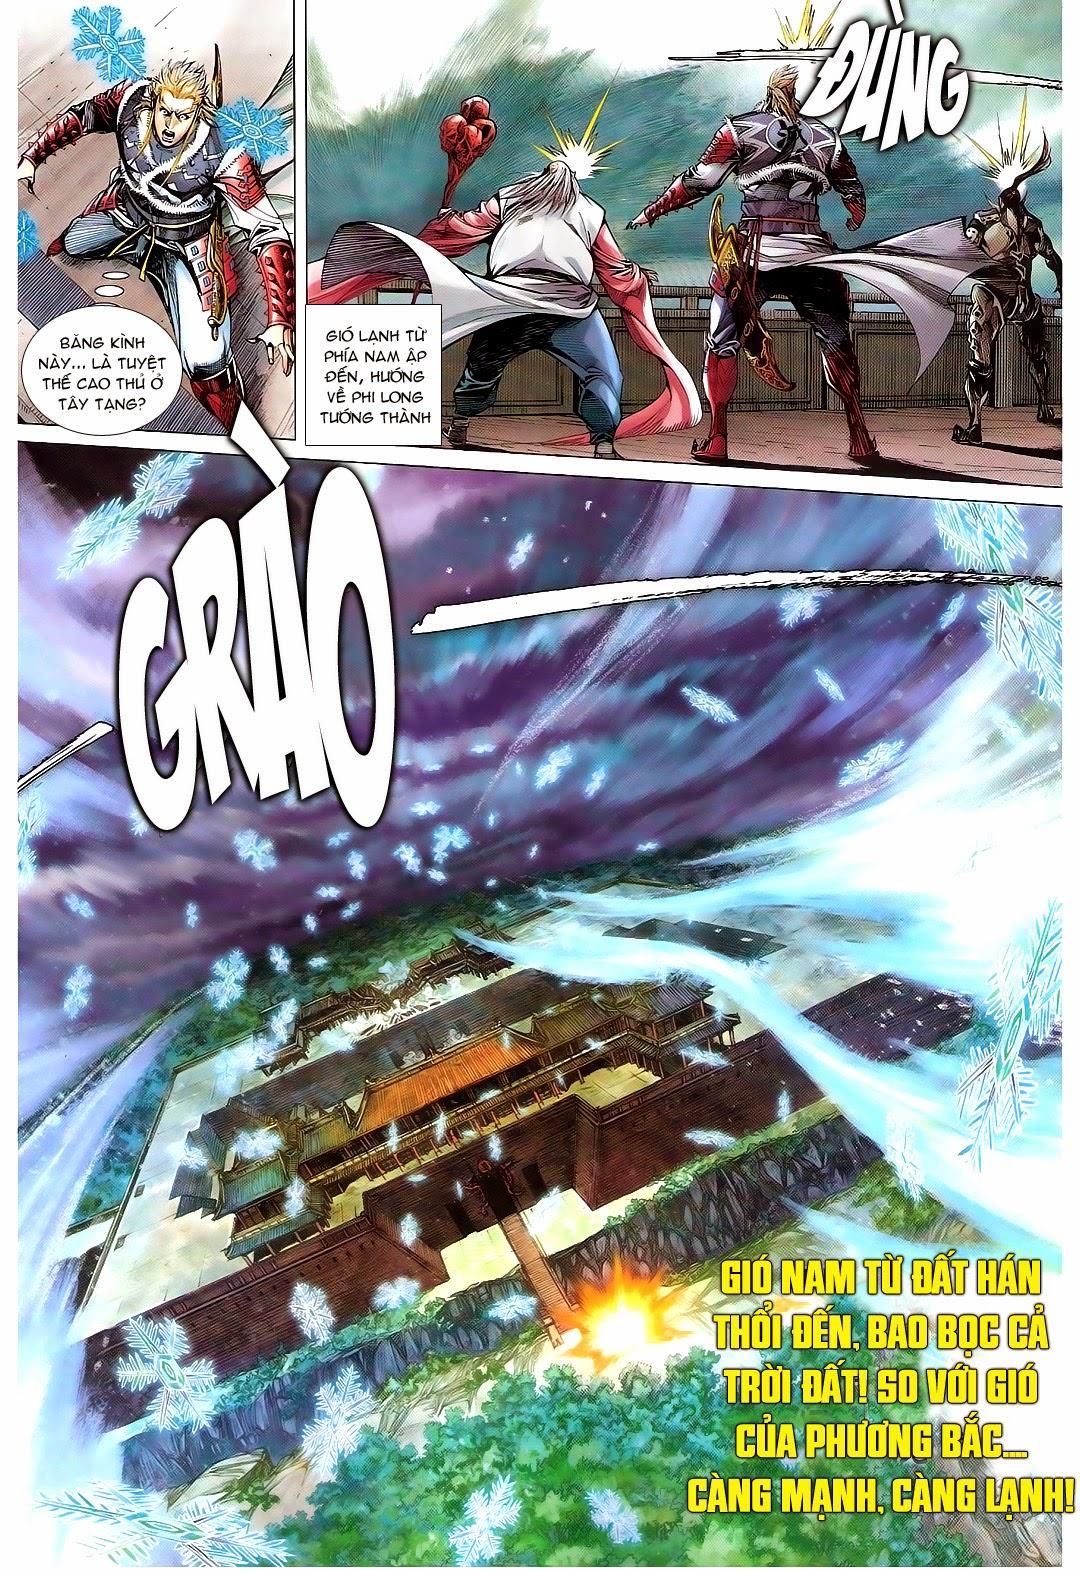 tuoithodudoi.com Thiết Tướng Tung Hoành Chapter 110 - 27.jpg